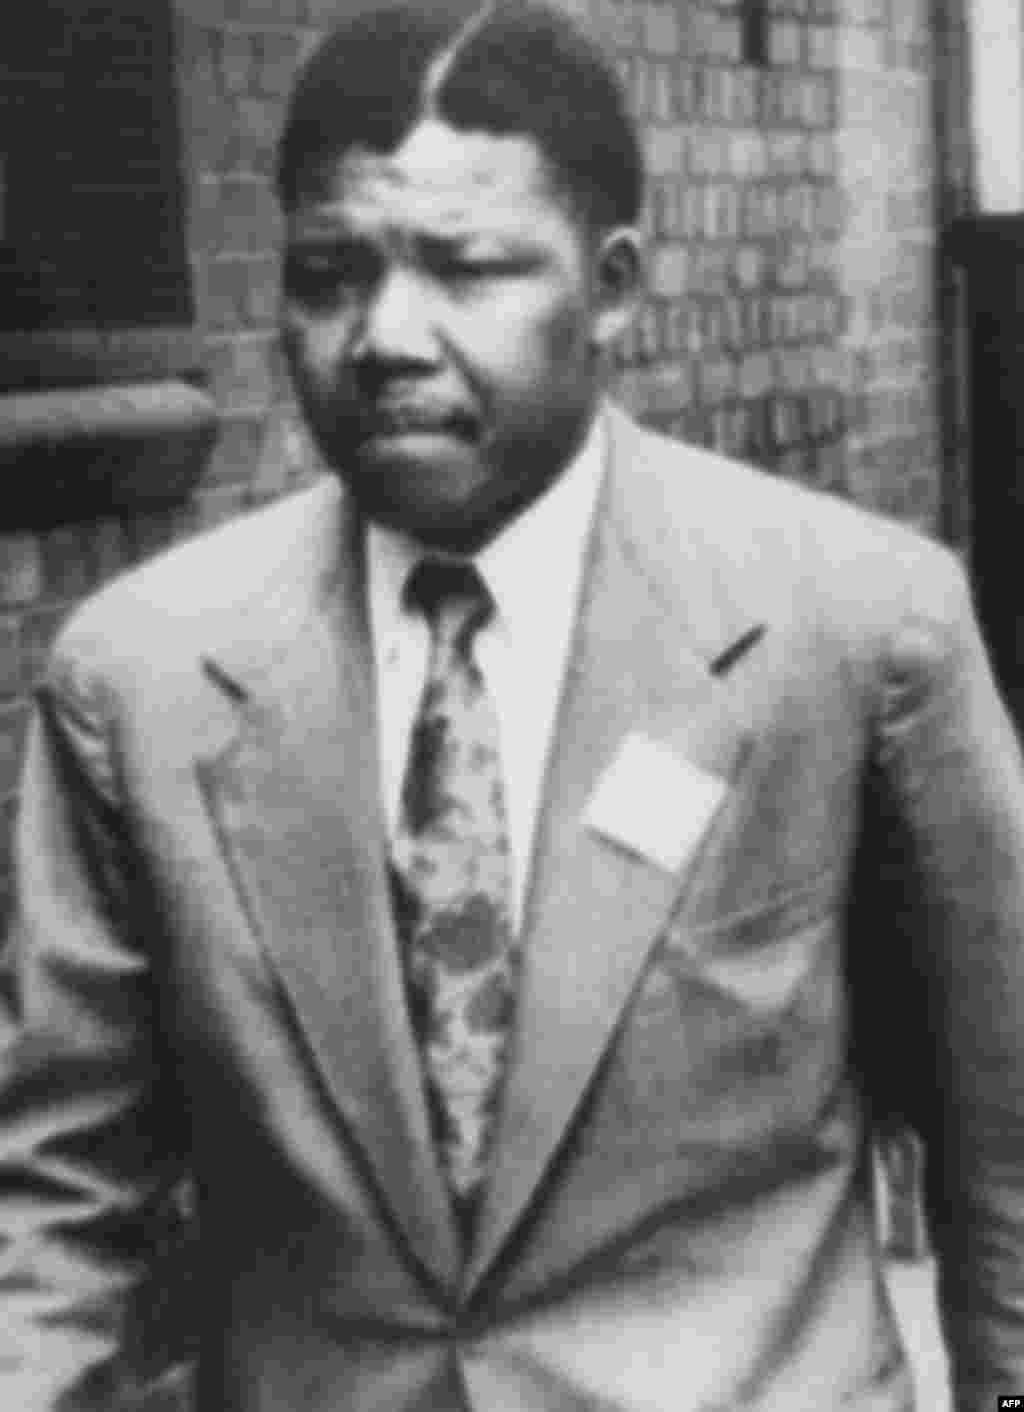 در سال ۱۹۴۳ به «گنگره ملی آفریقا» پیوست، در سال ۱۹۵۲ اولین موسسه حقوقی وکلای سیاهپوست را راه انداخت و در سال ۱۹۵۸ با همسر دومش، «وینی»، از فعالان مباررزه با آپارتاید ازدواج کرد.